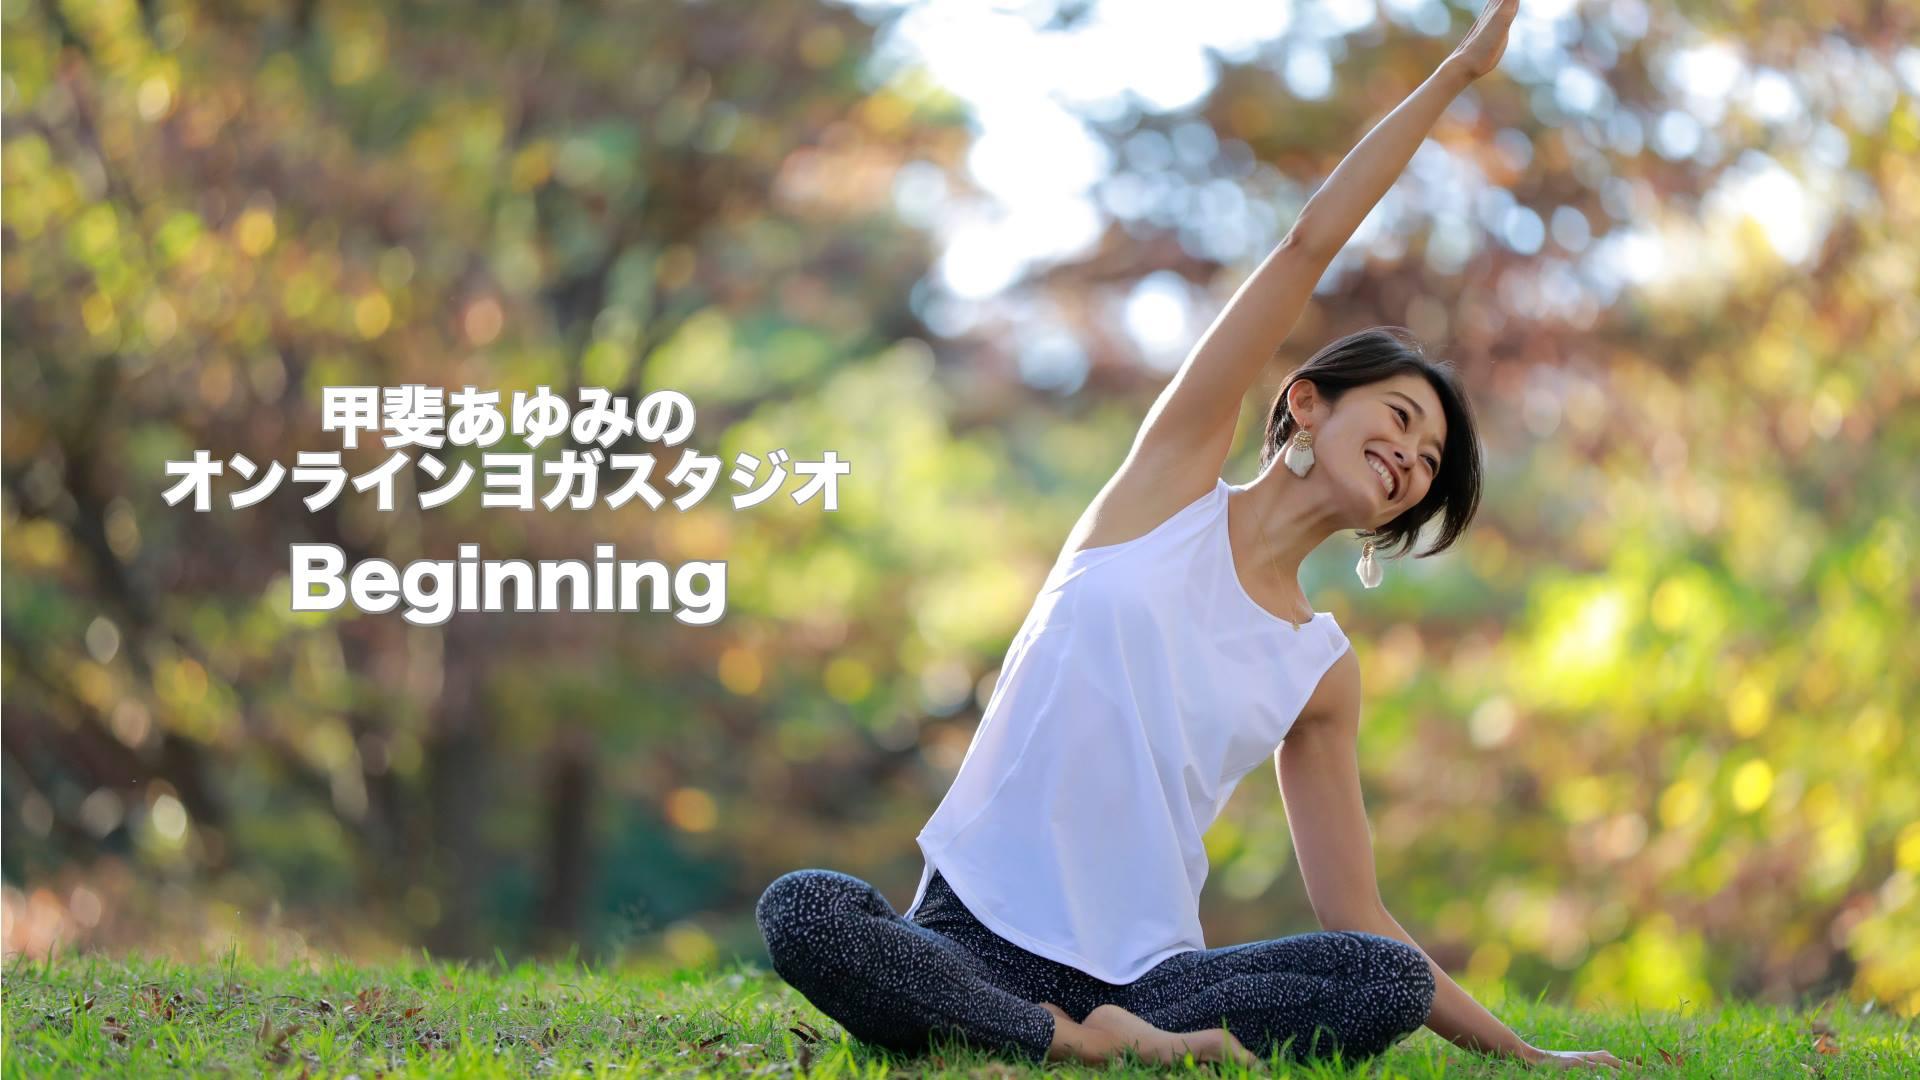 かいあゆみ(人生を愉しむ指南役)のホームページ